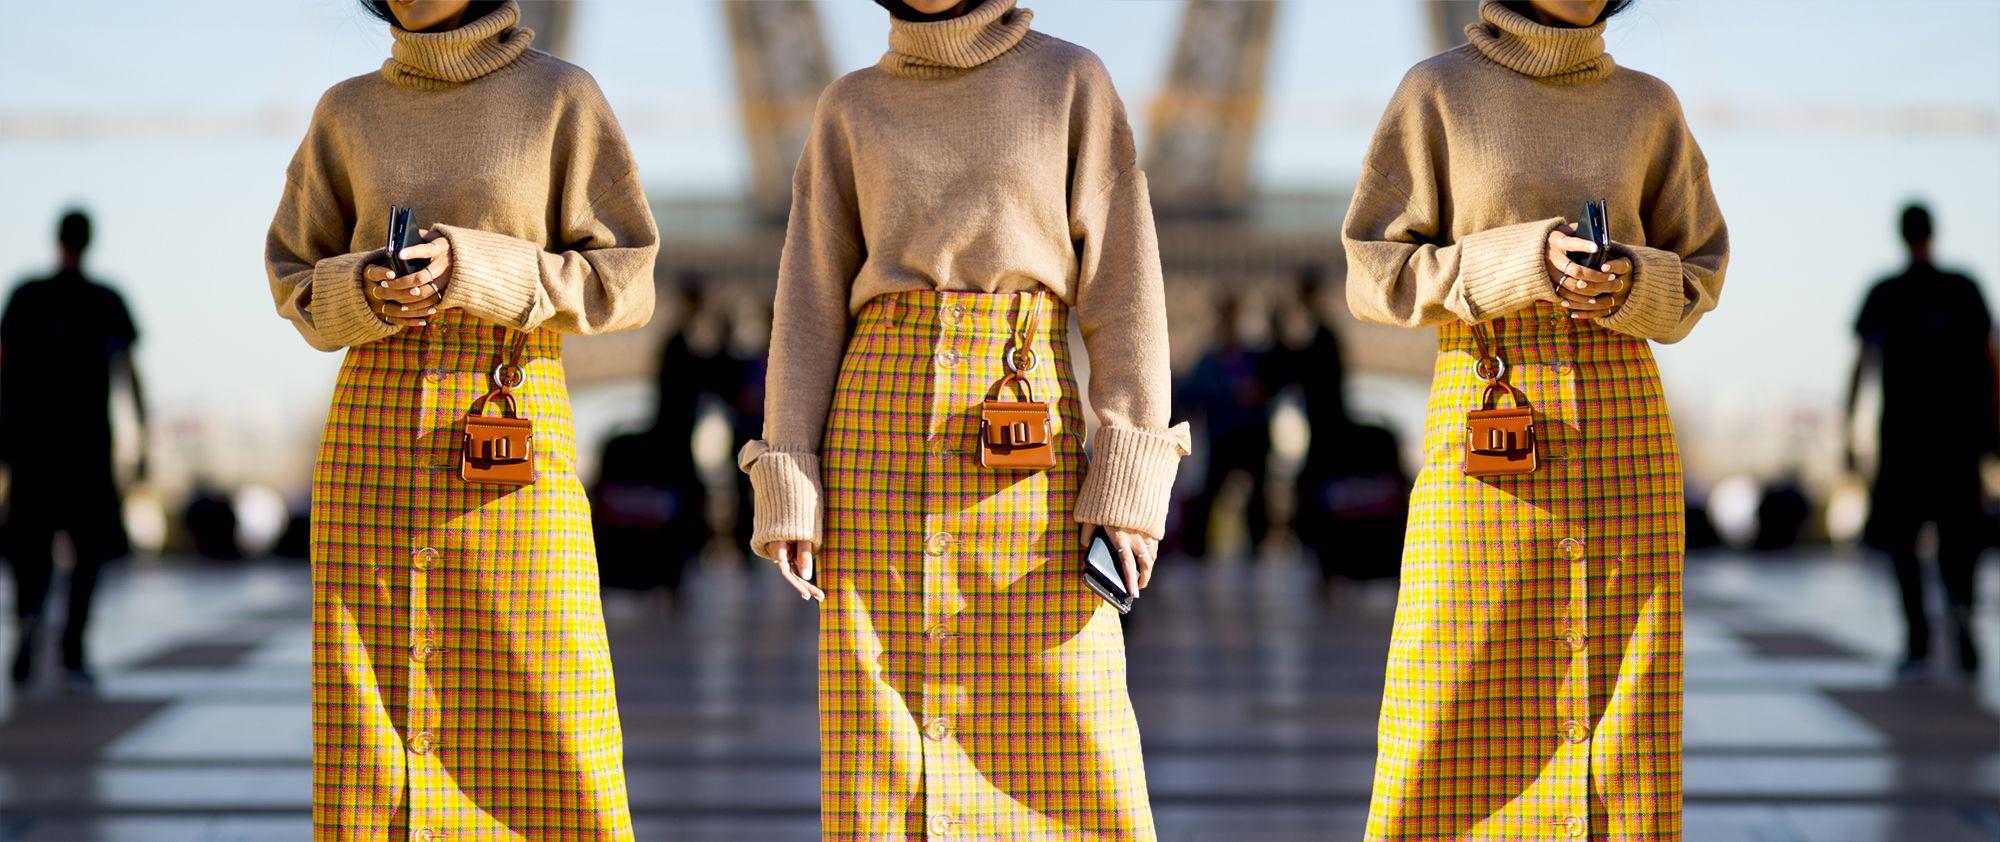 l'atteggiamento migliore 34ec2 f69d8 Maglioni moda autunno 2018: quelli over sono la tendenze ...